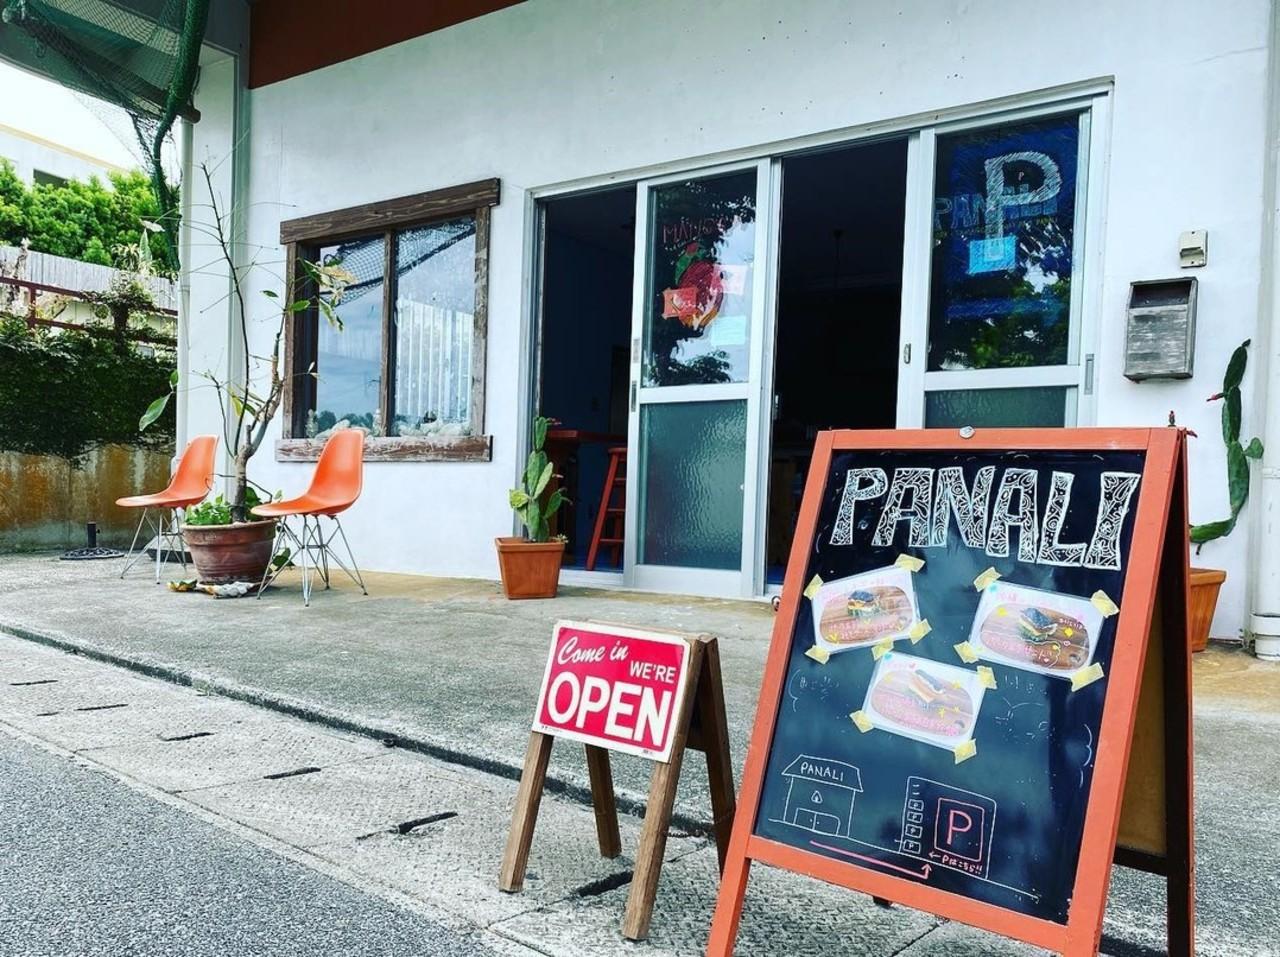 沖縄県宮古島市平良下里に「キッチン パナリ」が4/1にオープンされたようです。